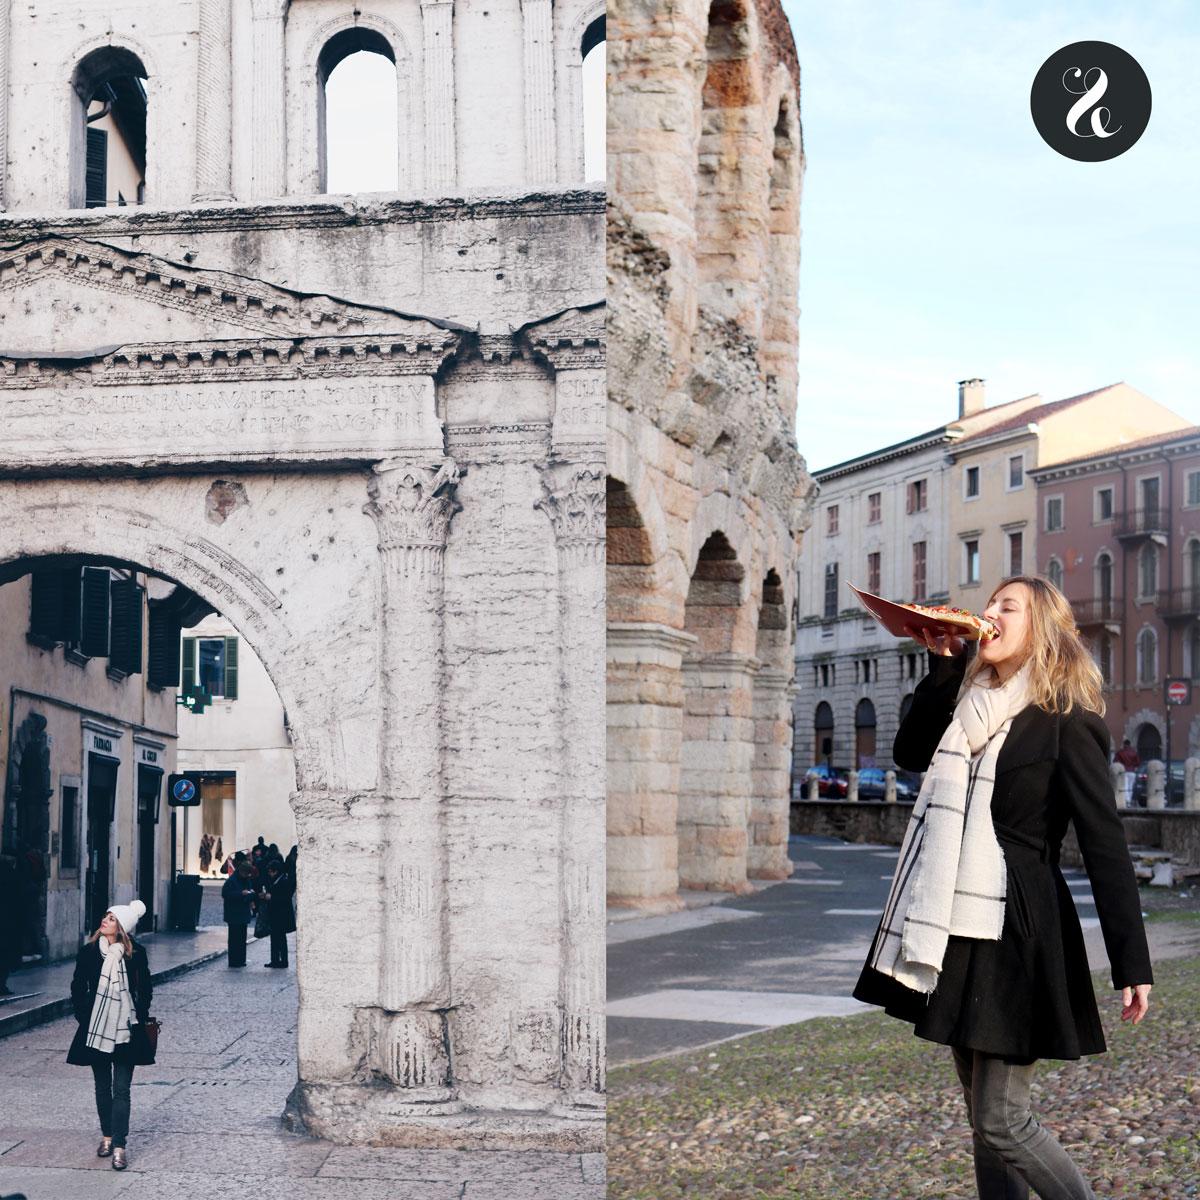 Monumentos romanos en Verona